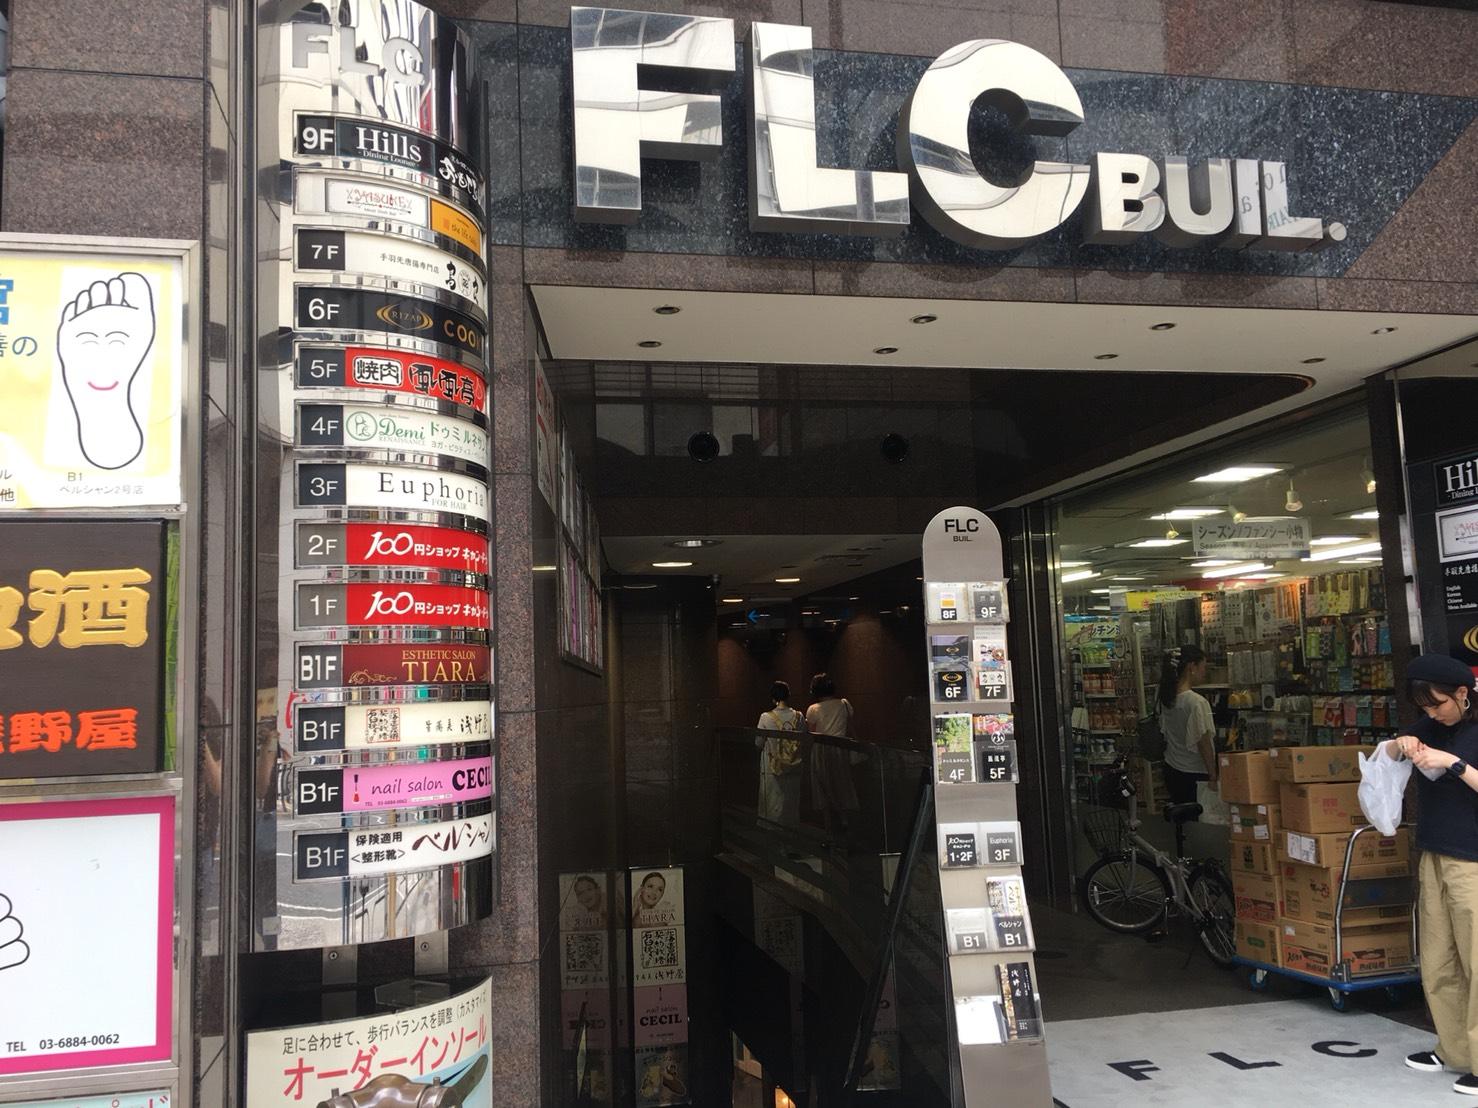 【池袋駅】生蕎麦とだし巻き玉子がしあわせ「浅野屋 池袋駅前本店」のビル入口